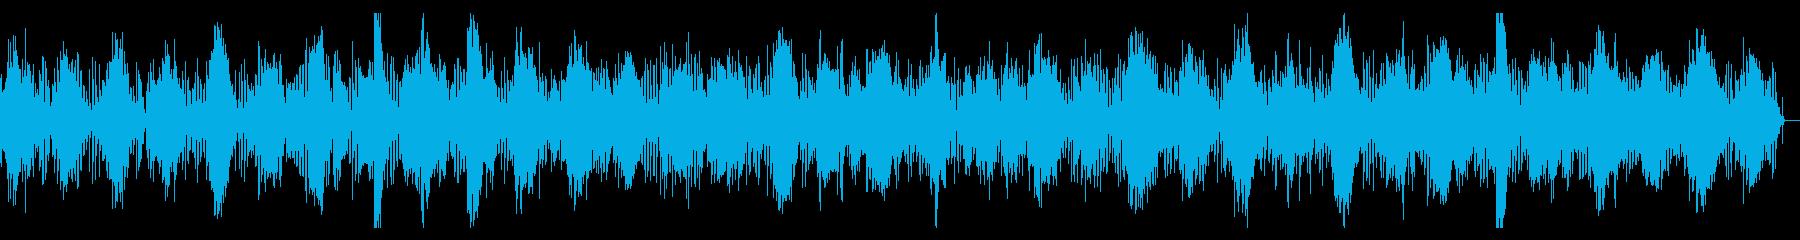 ニュース映像、CM,企製動画向けテクノの再生済みの波形